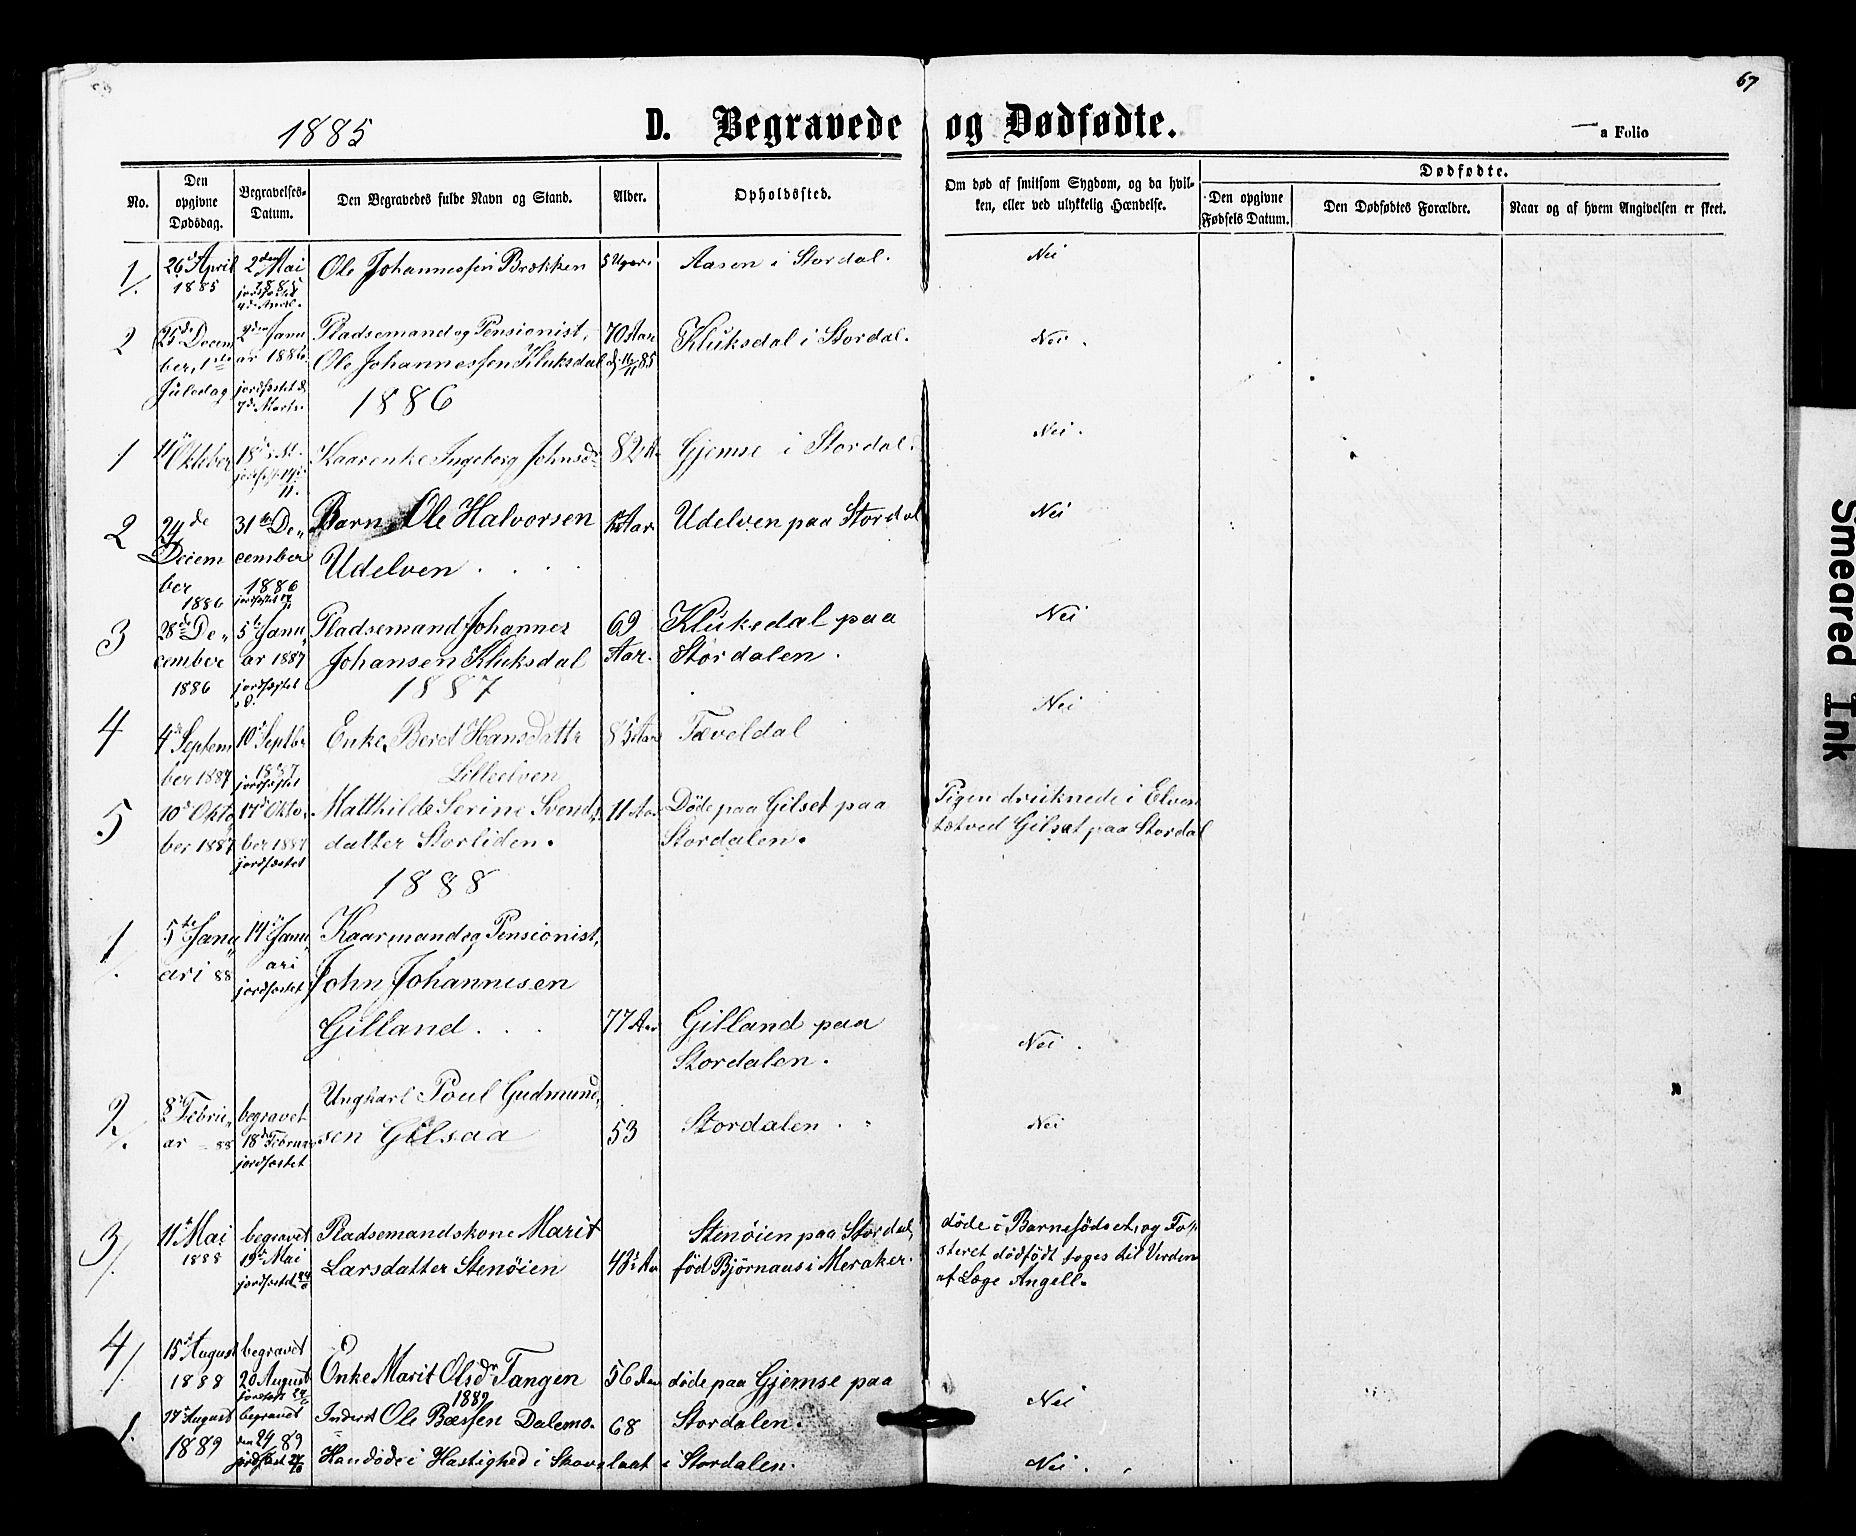 SAT, Ministerialprotokoller, klokkerbøker og fødselsregistre - Nord-Trøndelag, 707/L0052: Klokkerbok nr. 707C01, 1864-1897, s. 67